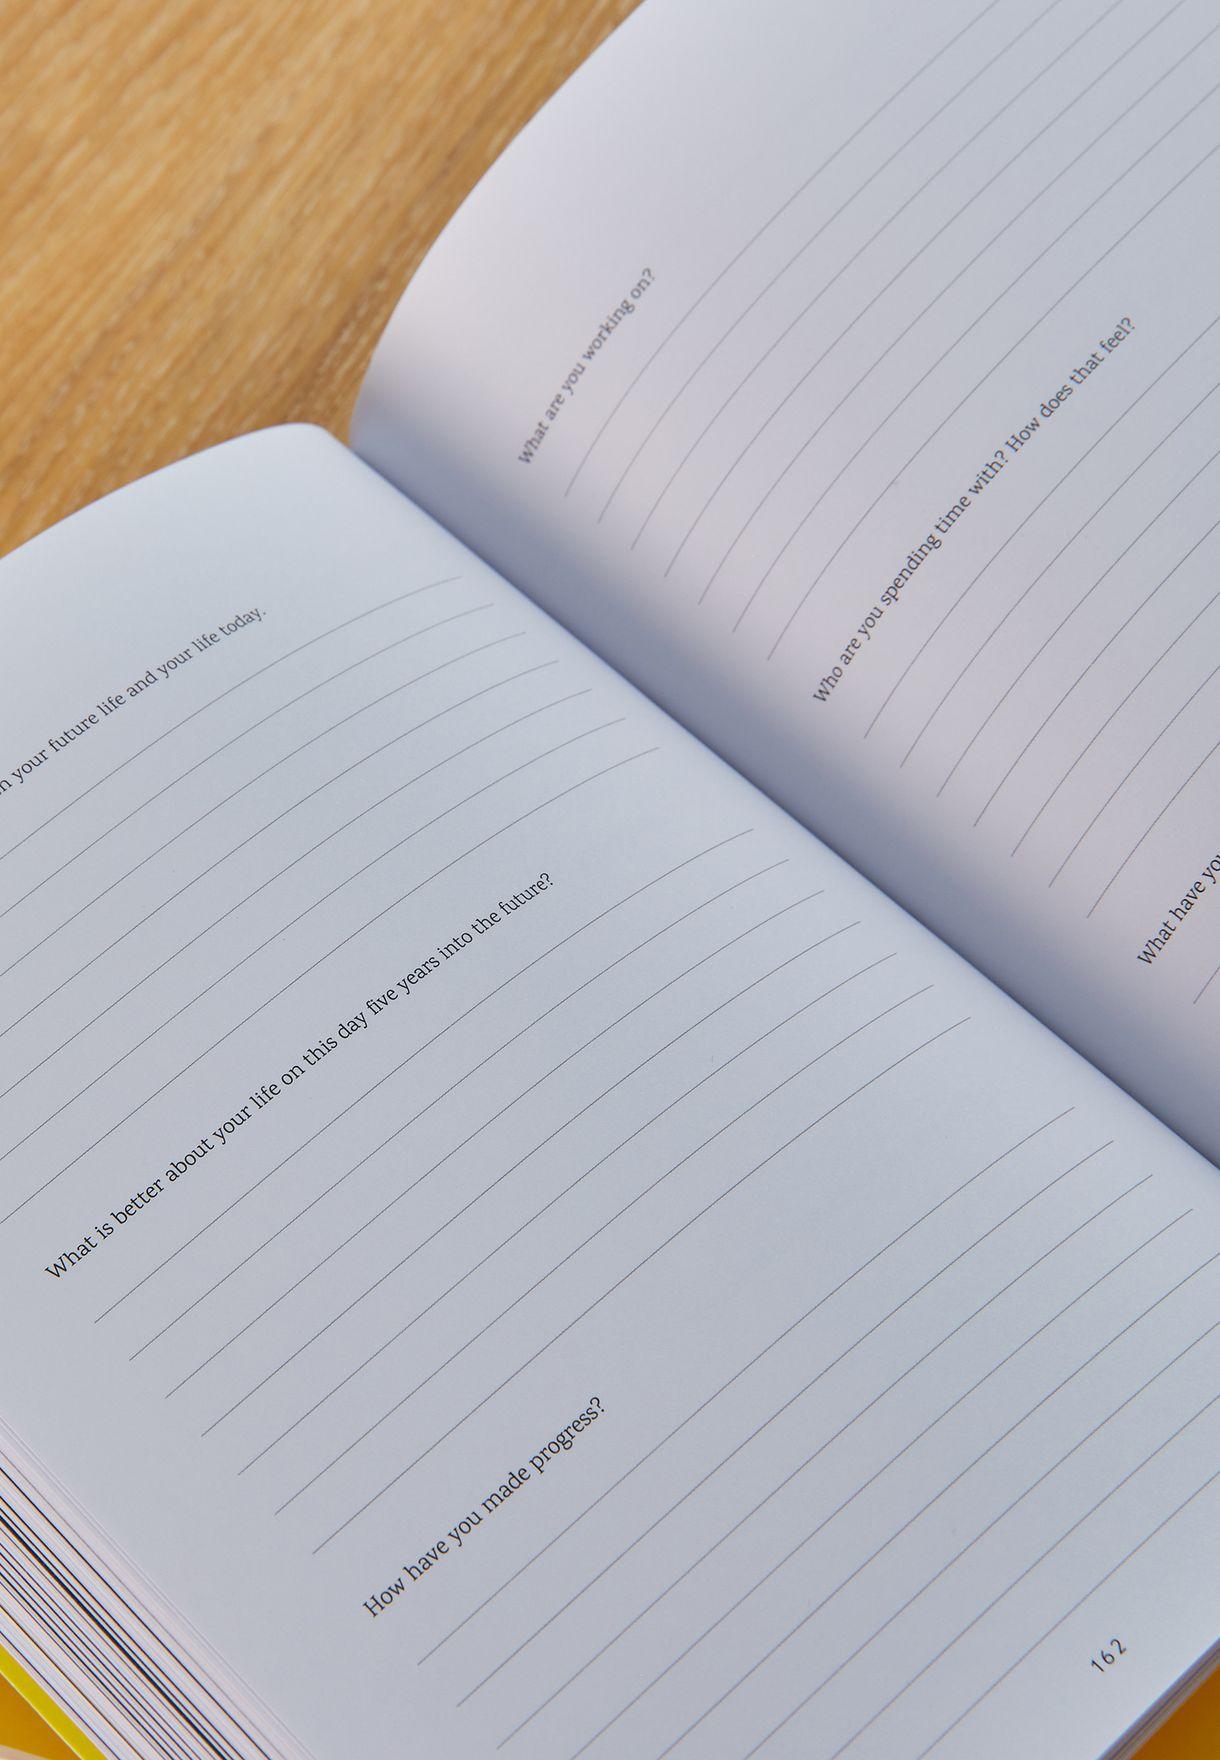 طقم هدايا ( كتاب + مجلة + قلم معدني)